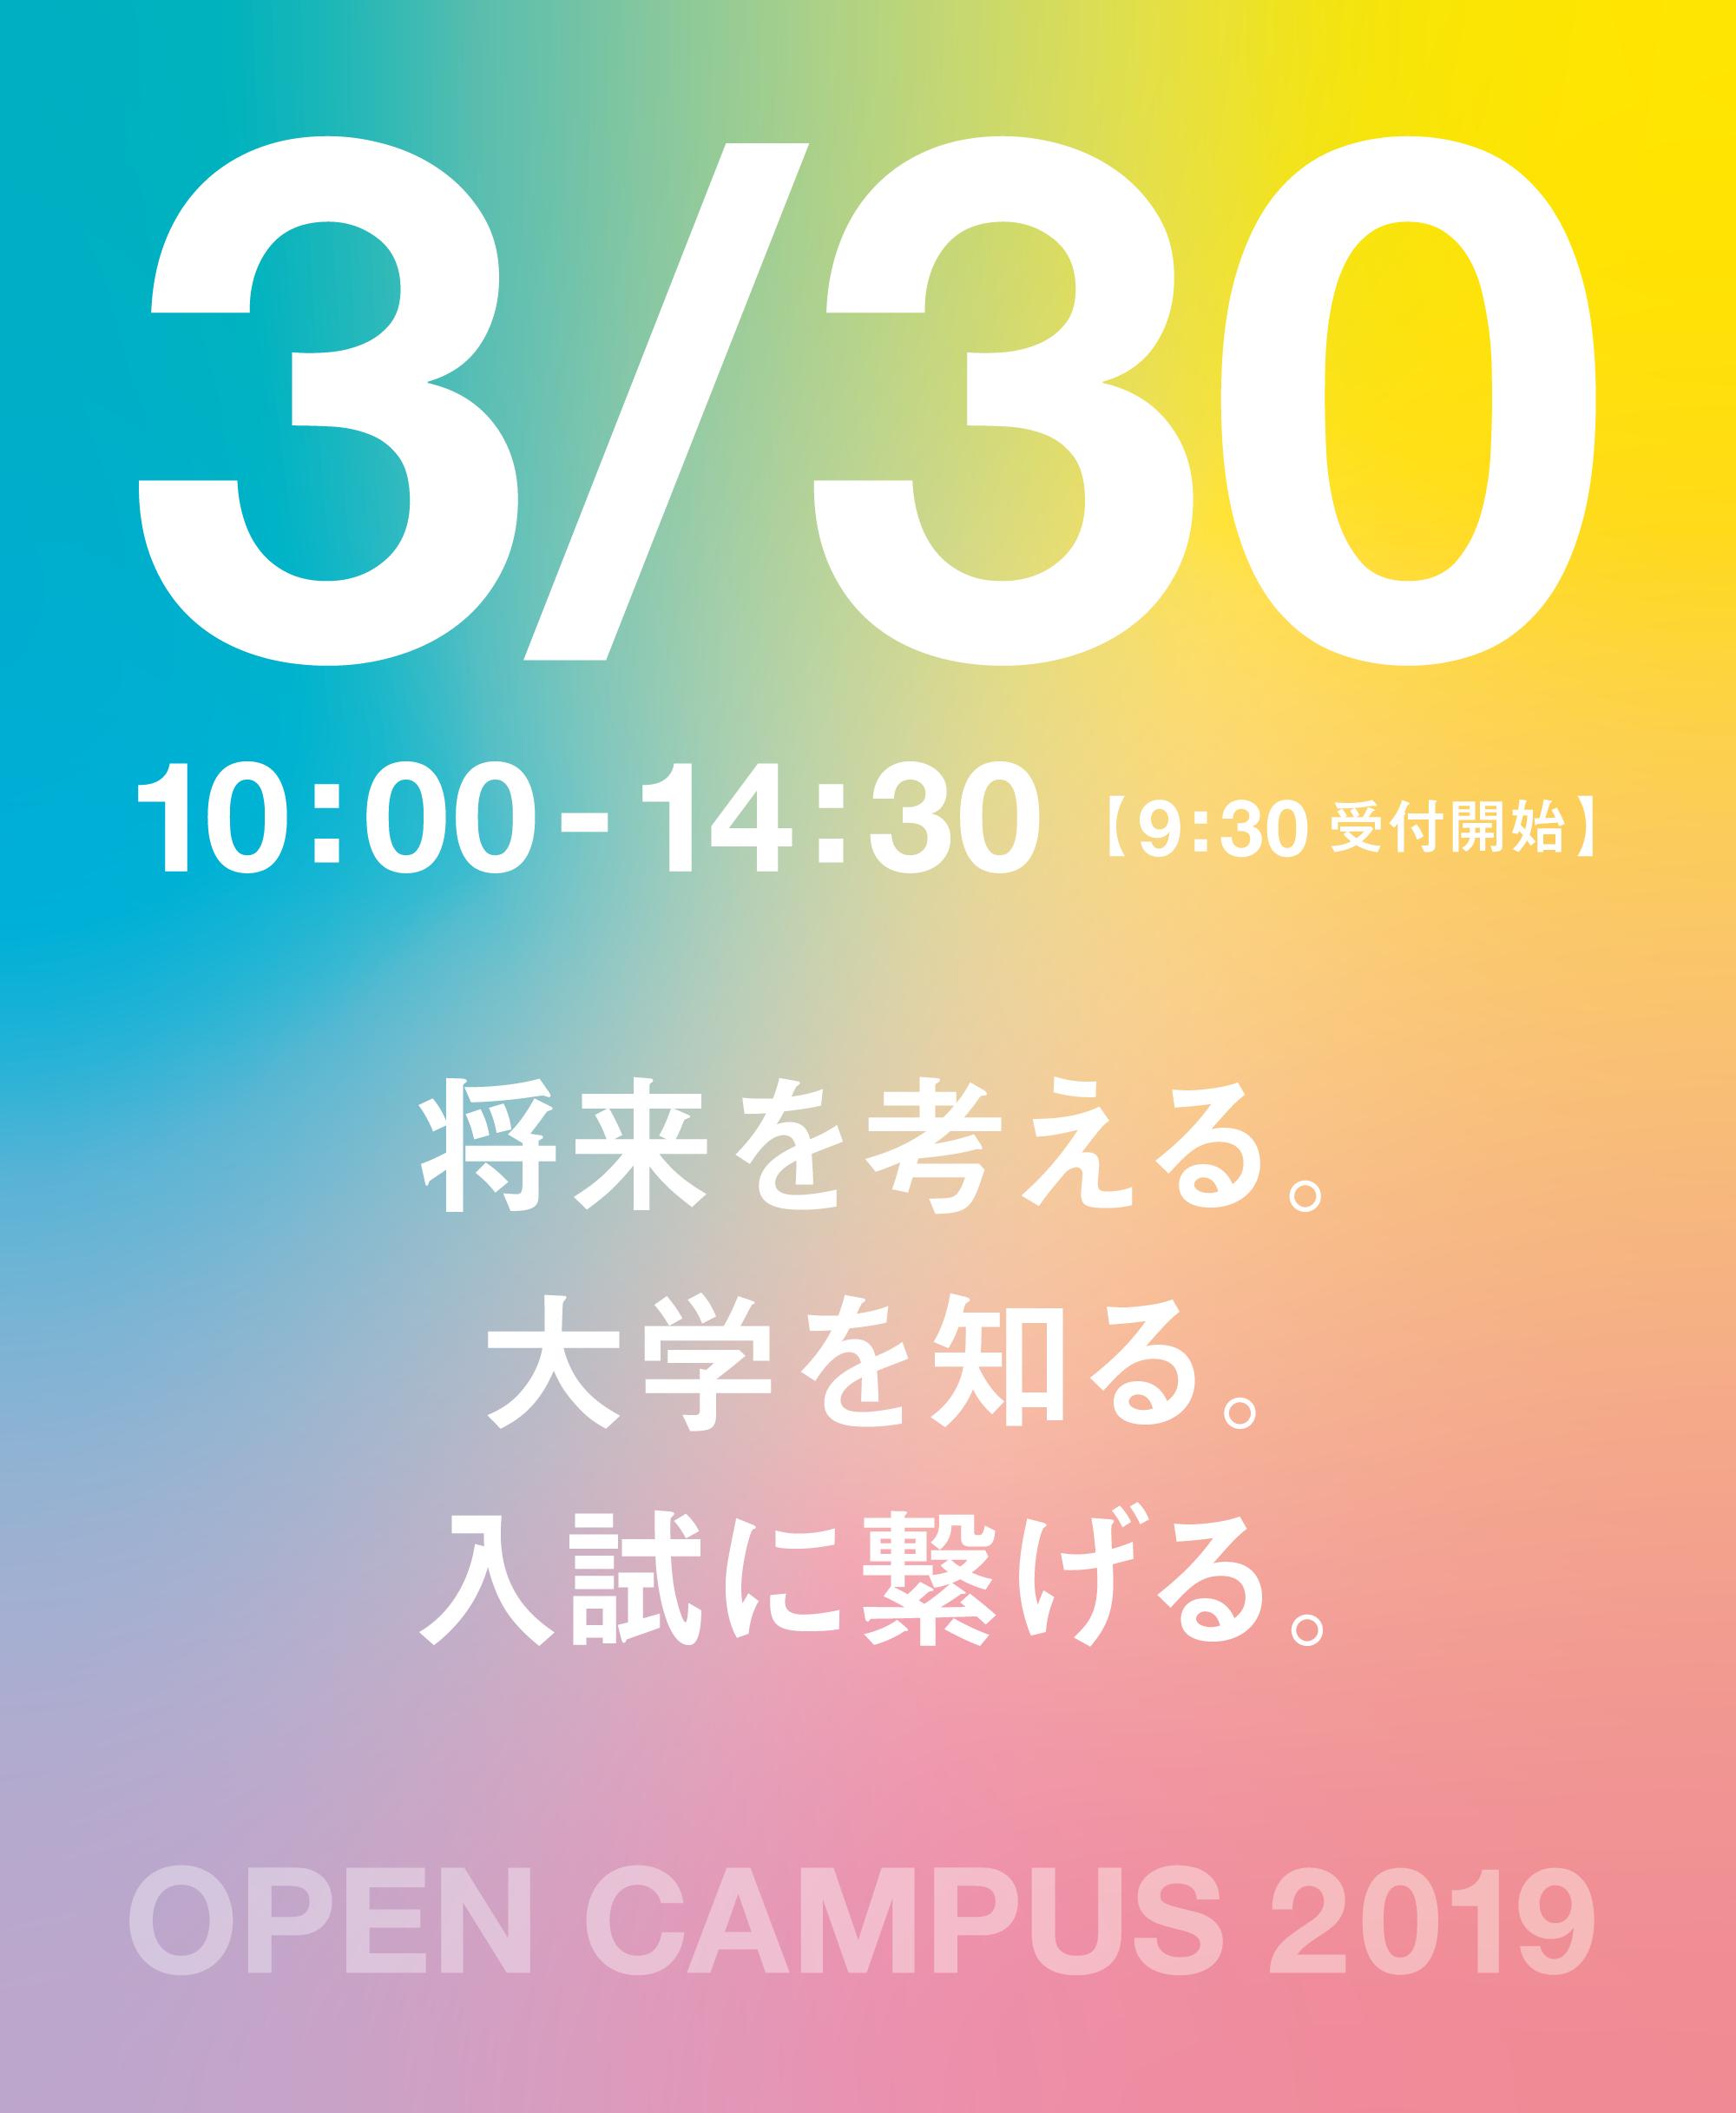 オープンキャンパスがはじまります!! 【3/30】